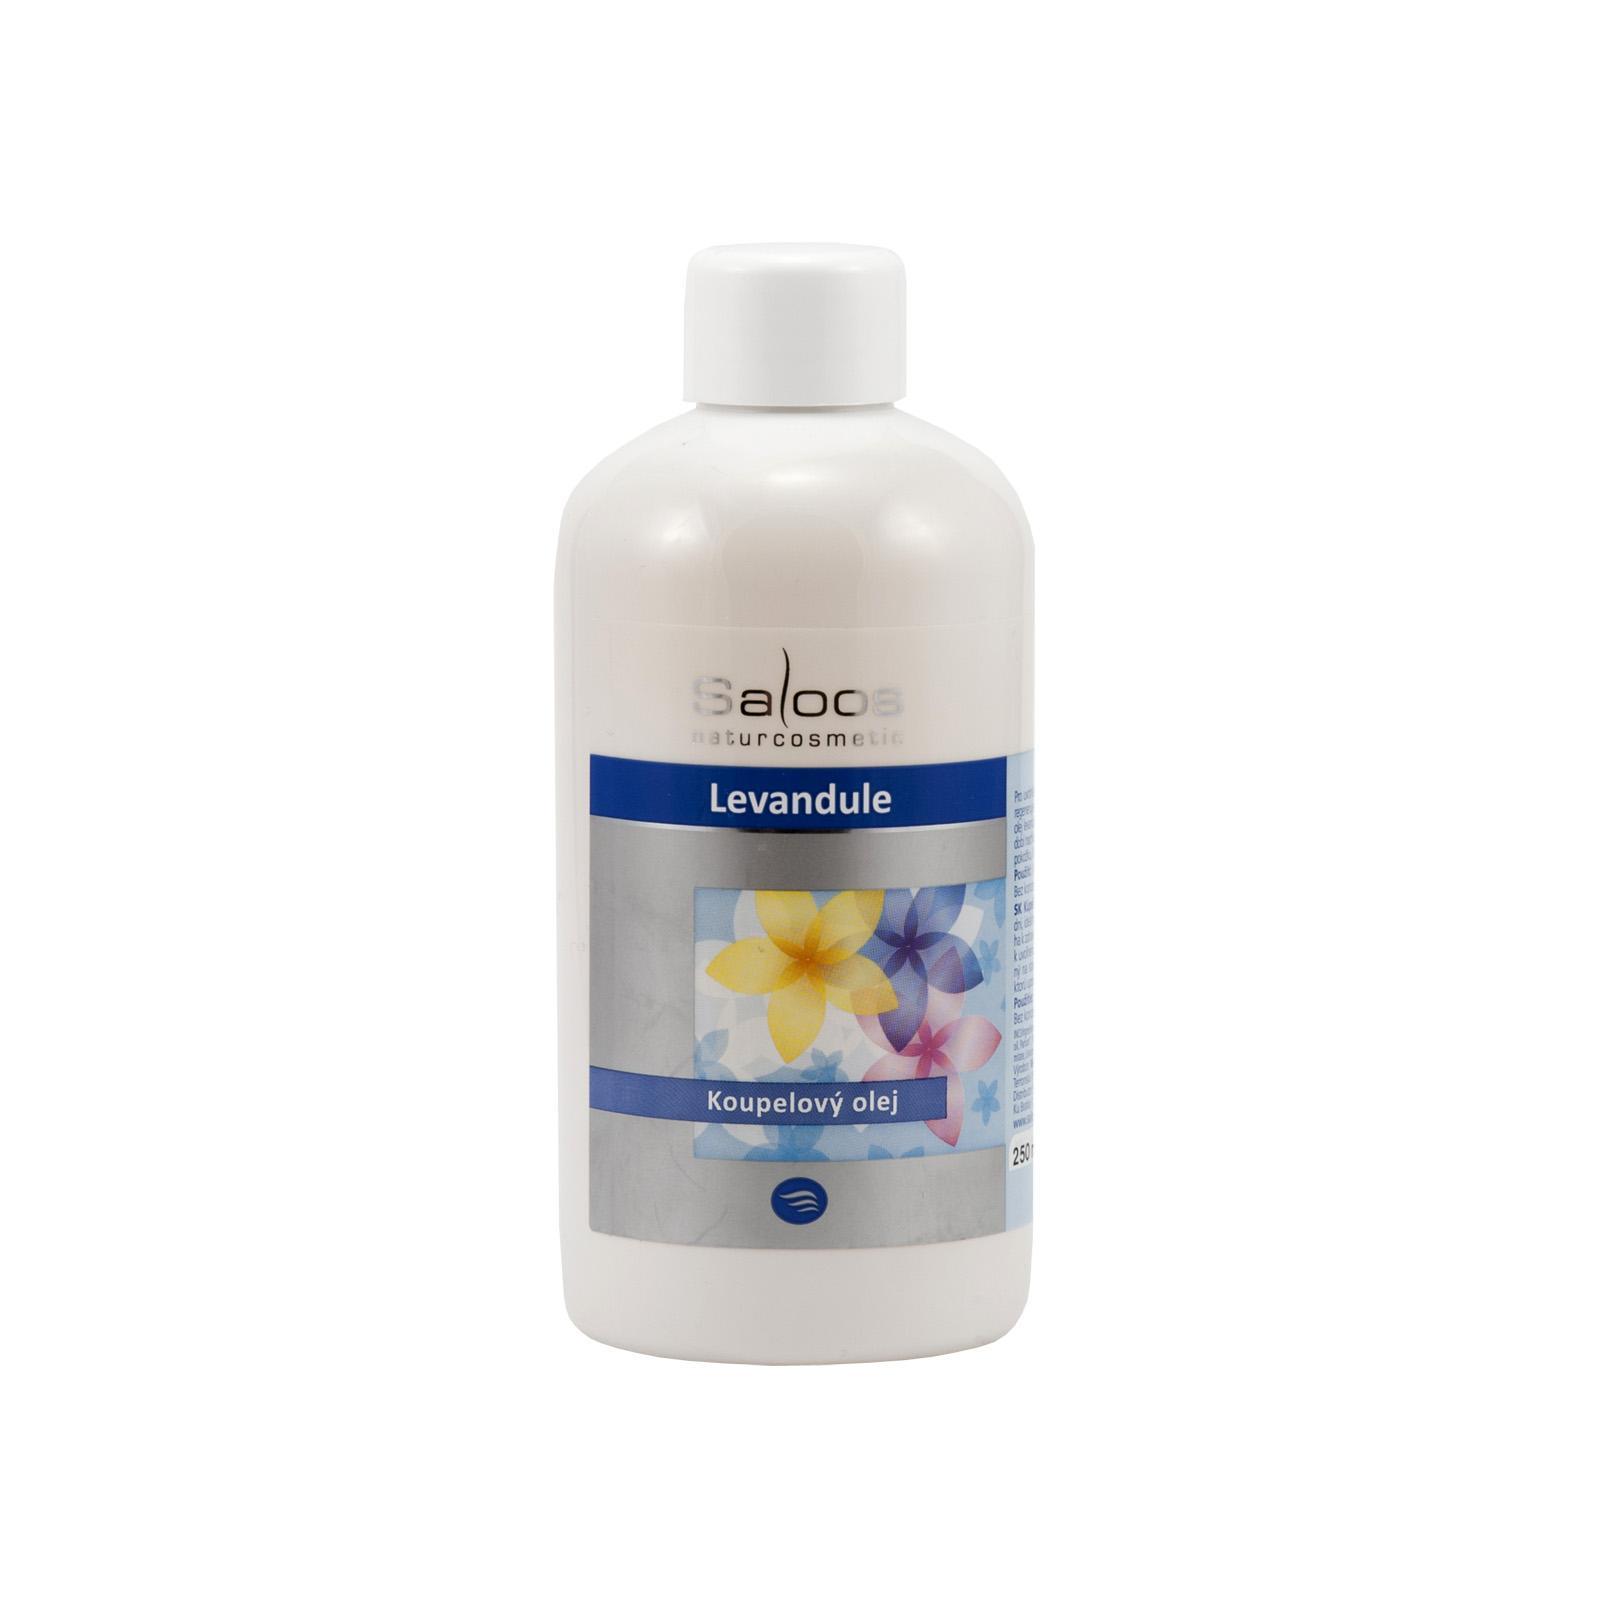 Saloos Koupelový olej levandule 250 ml